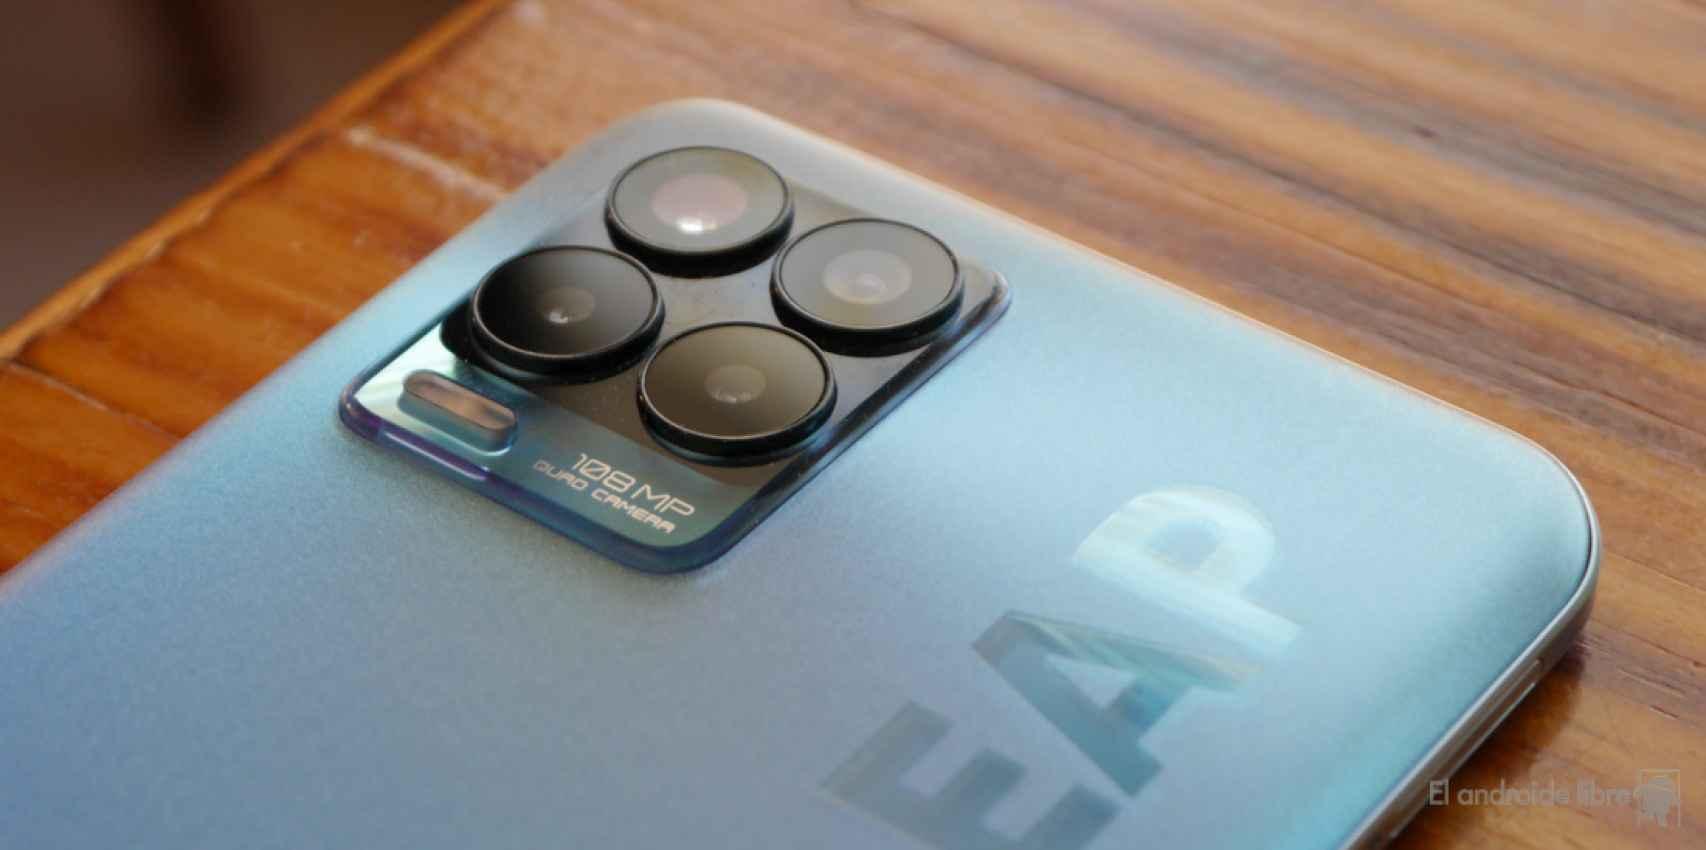 Módulo de cámaras del realme 8 Pro